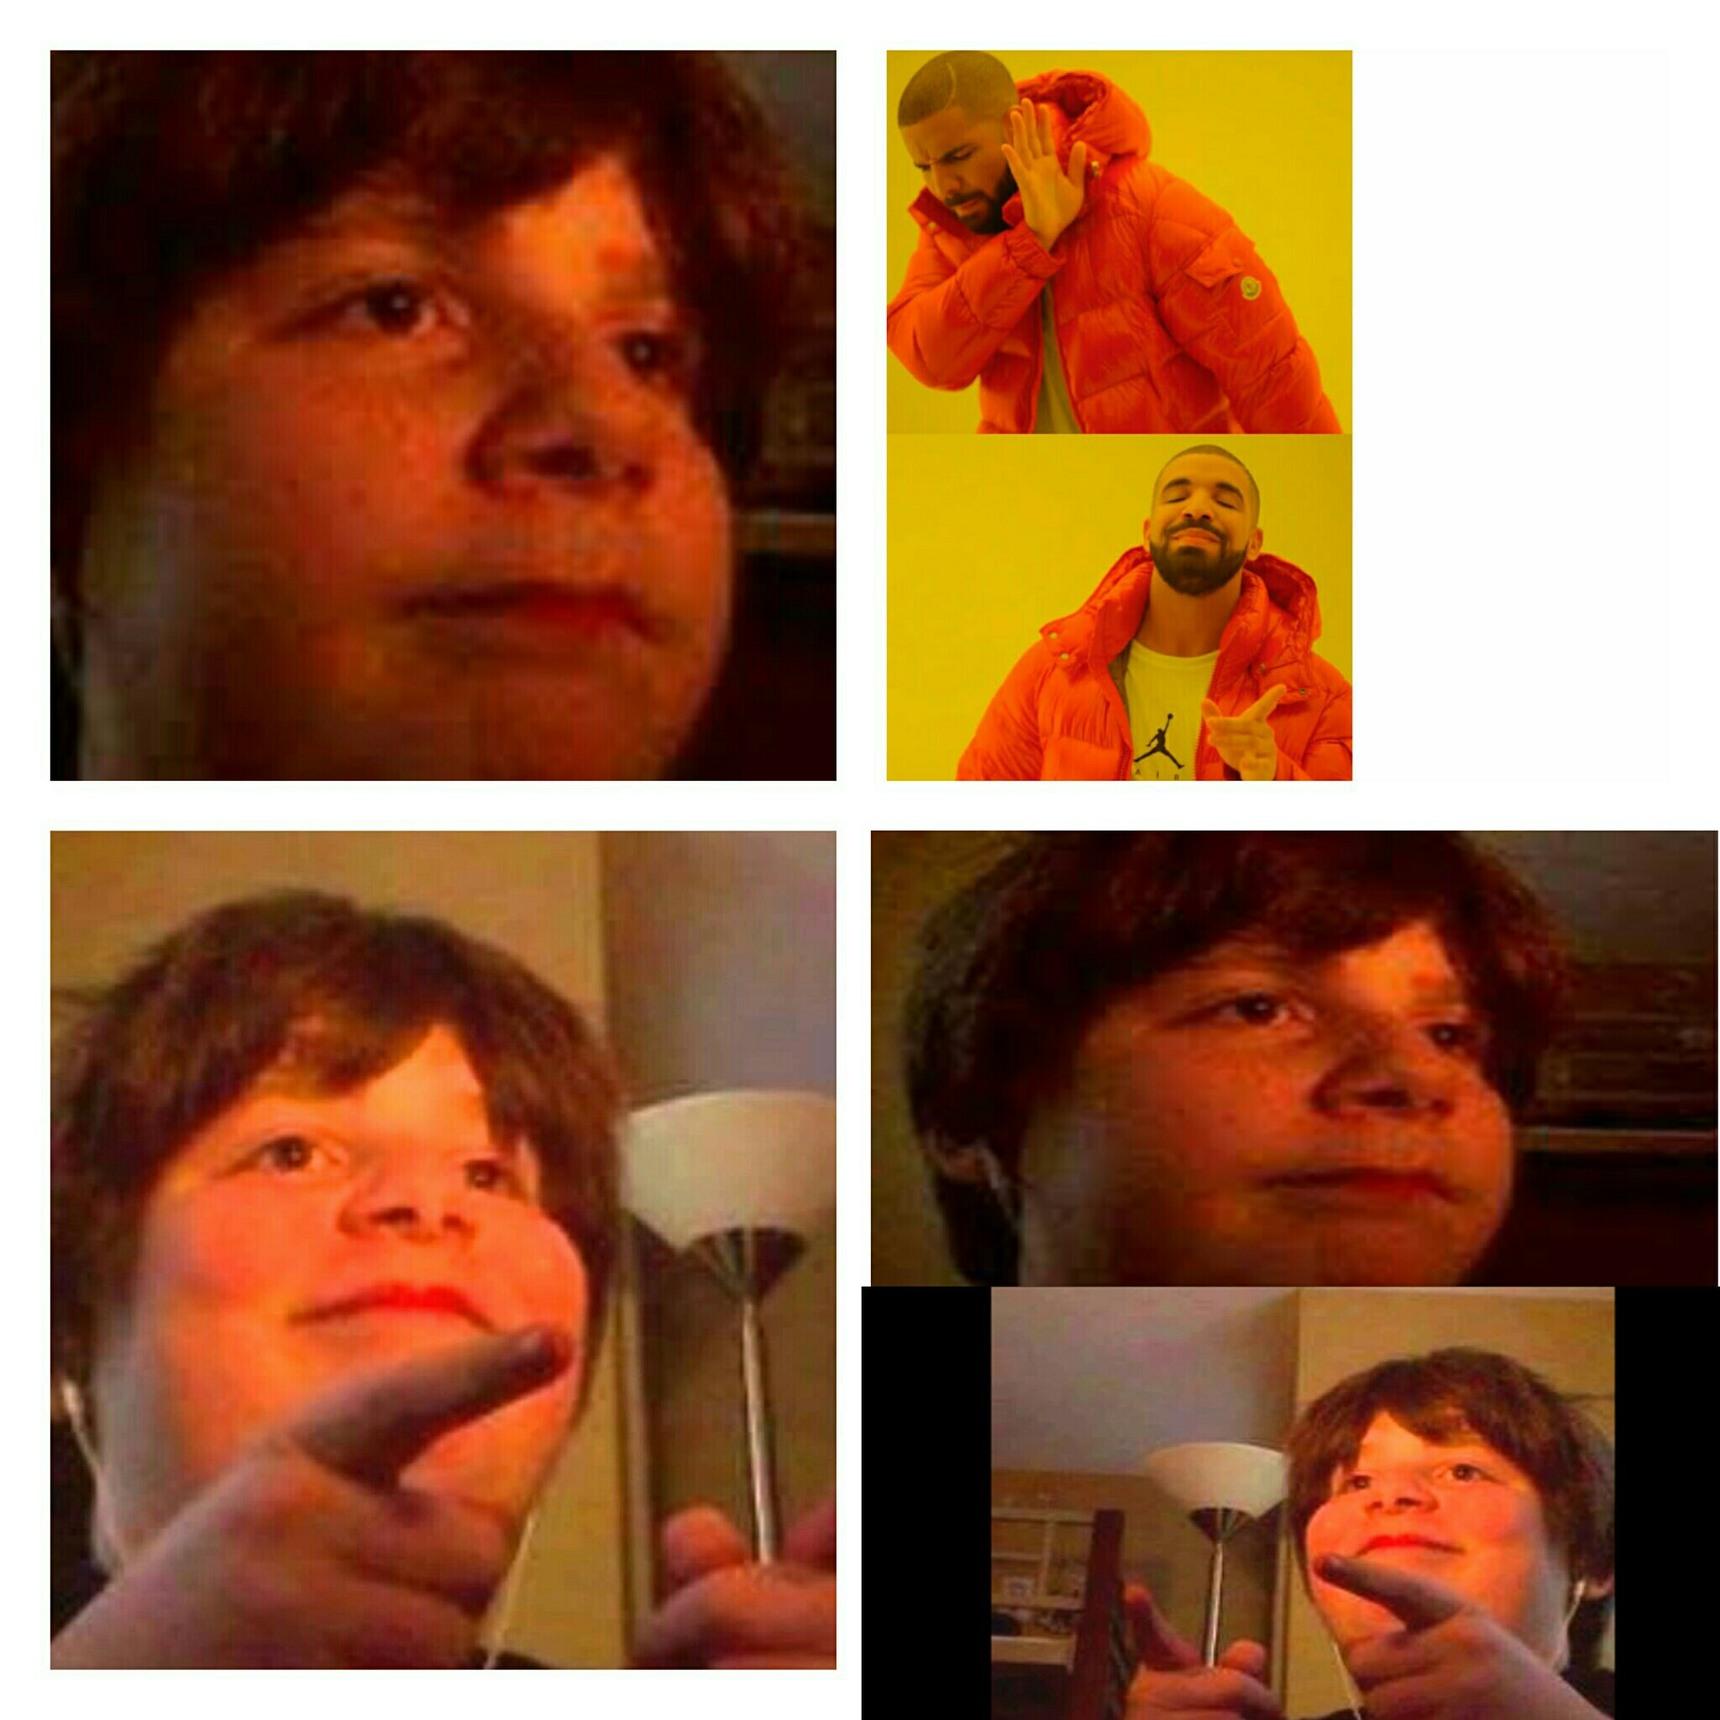 Ste men - meme